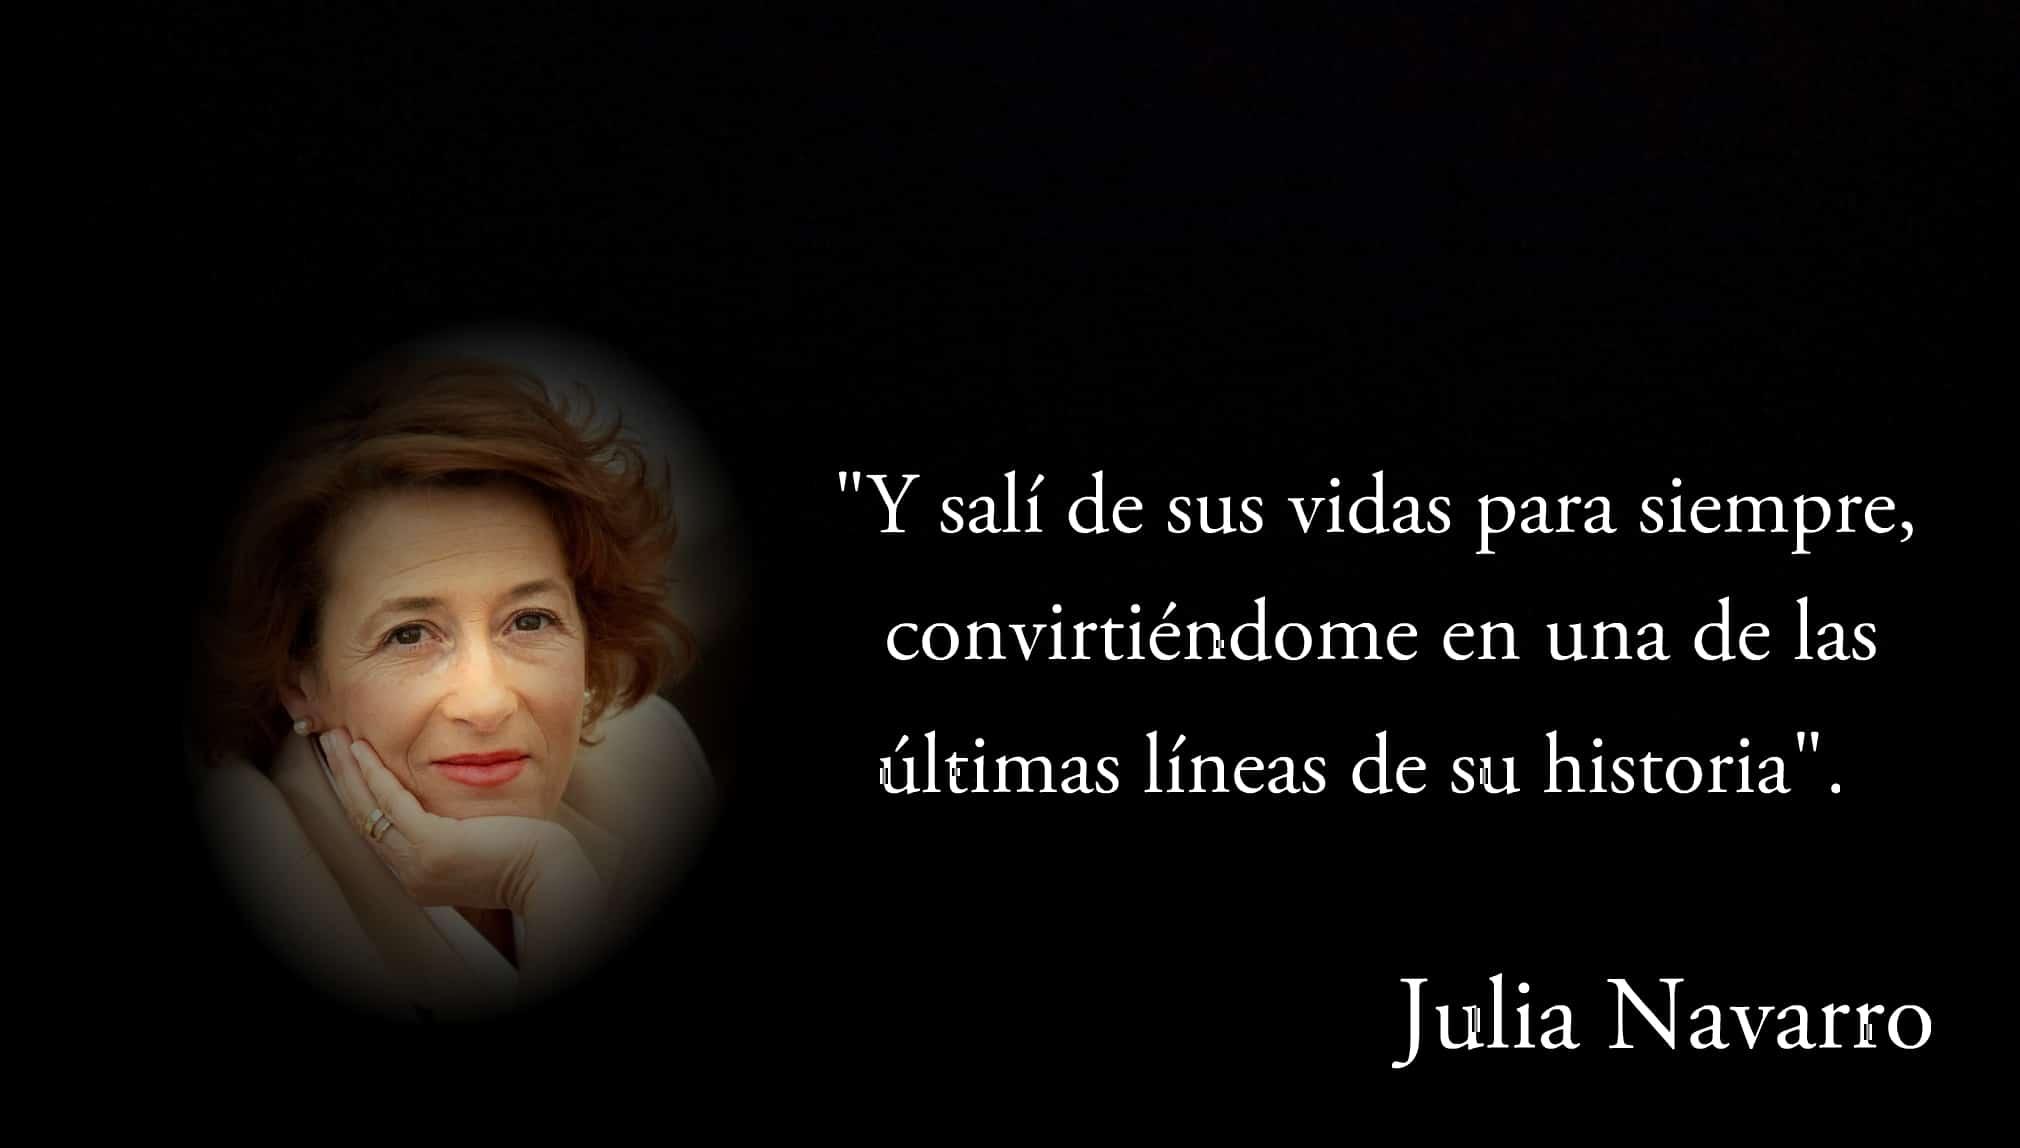 Frase de Julia Navarro.